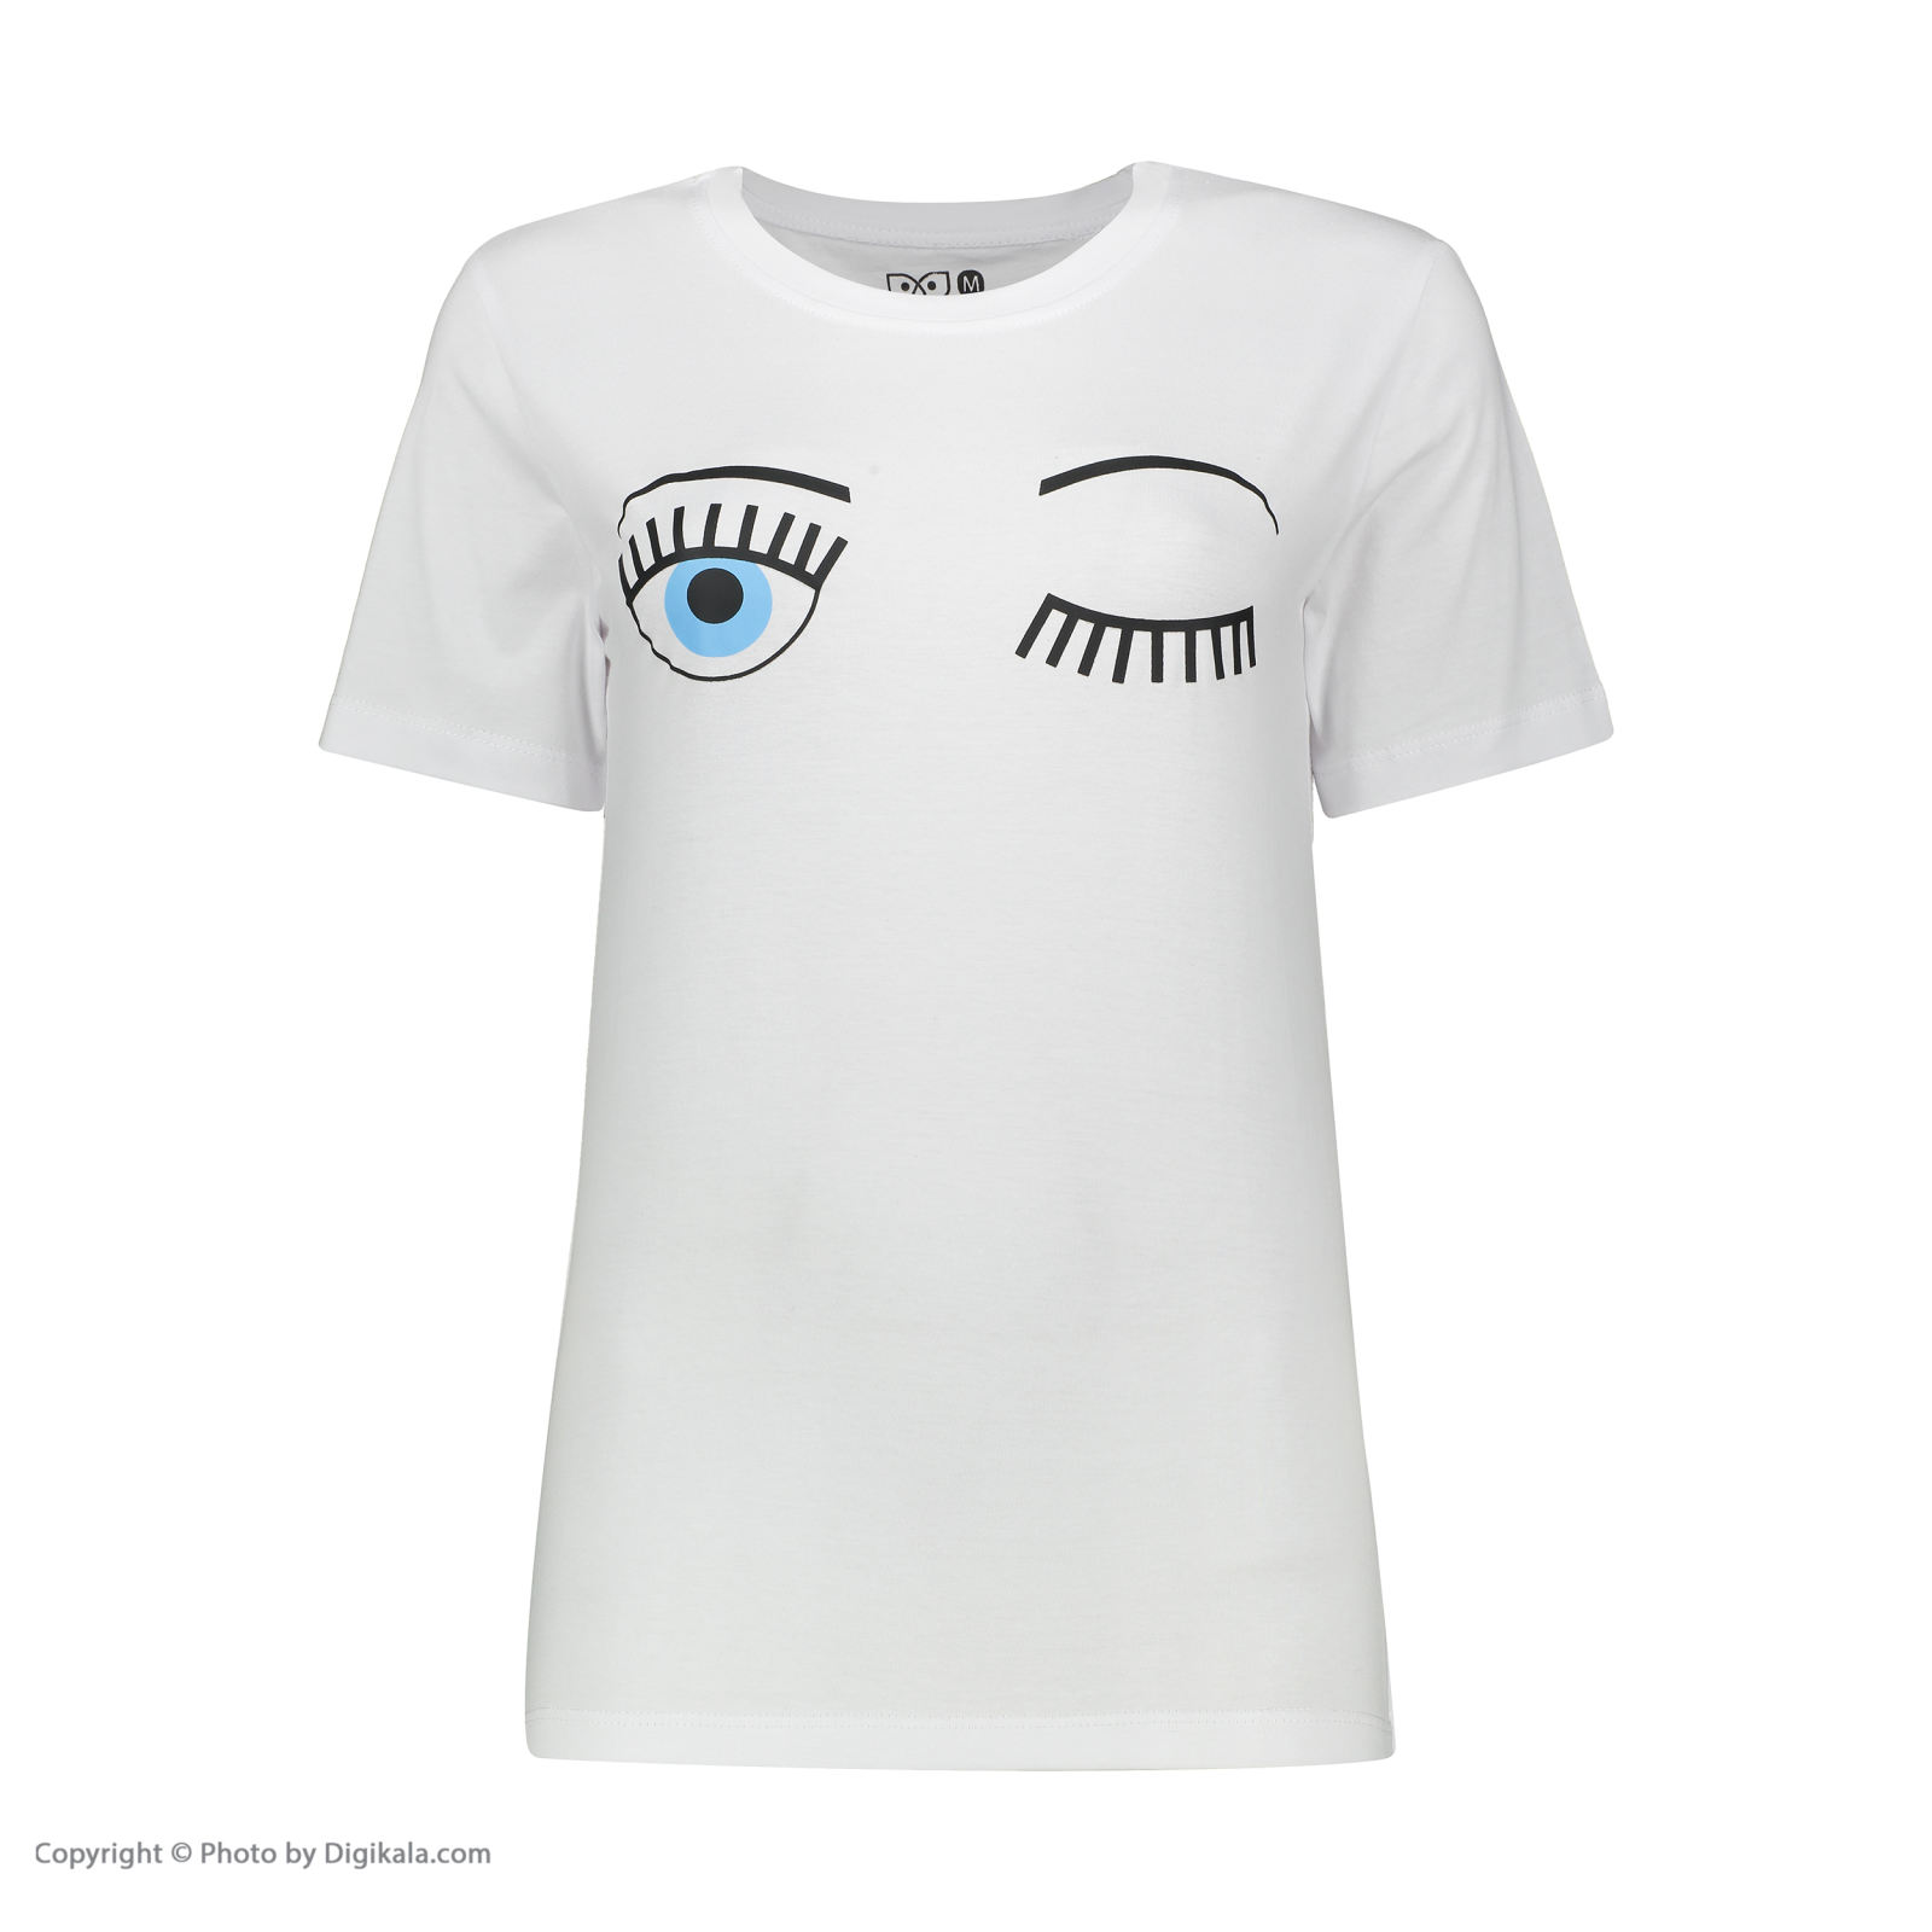 تی شرت زنانه مون مدل 1631180